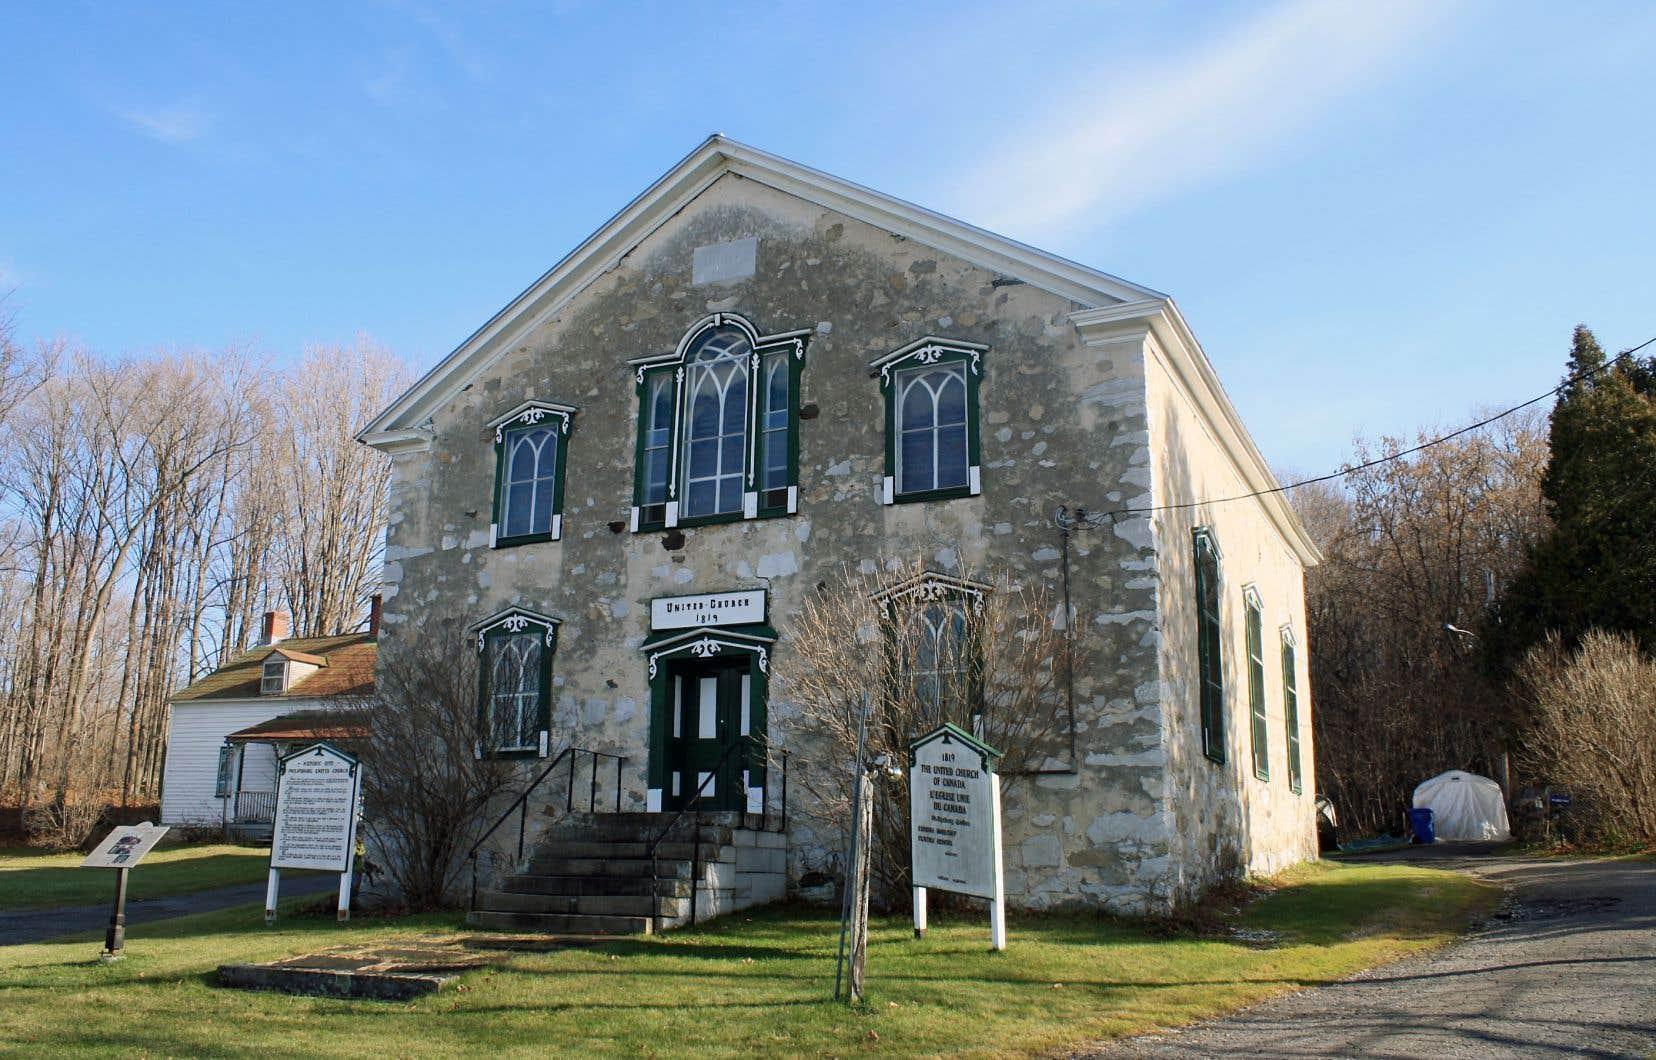 L'église méthodiste Philipsburg United, érigée en 1819. Plusieurs esclaves ont trouvé la liberté en traversant l'État du Vermont vers le village de Philipsburg, aujourd'hui Saint-Armand, dans les Cantons-de-l'Est, tout près de la frontière américaine.